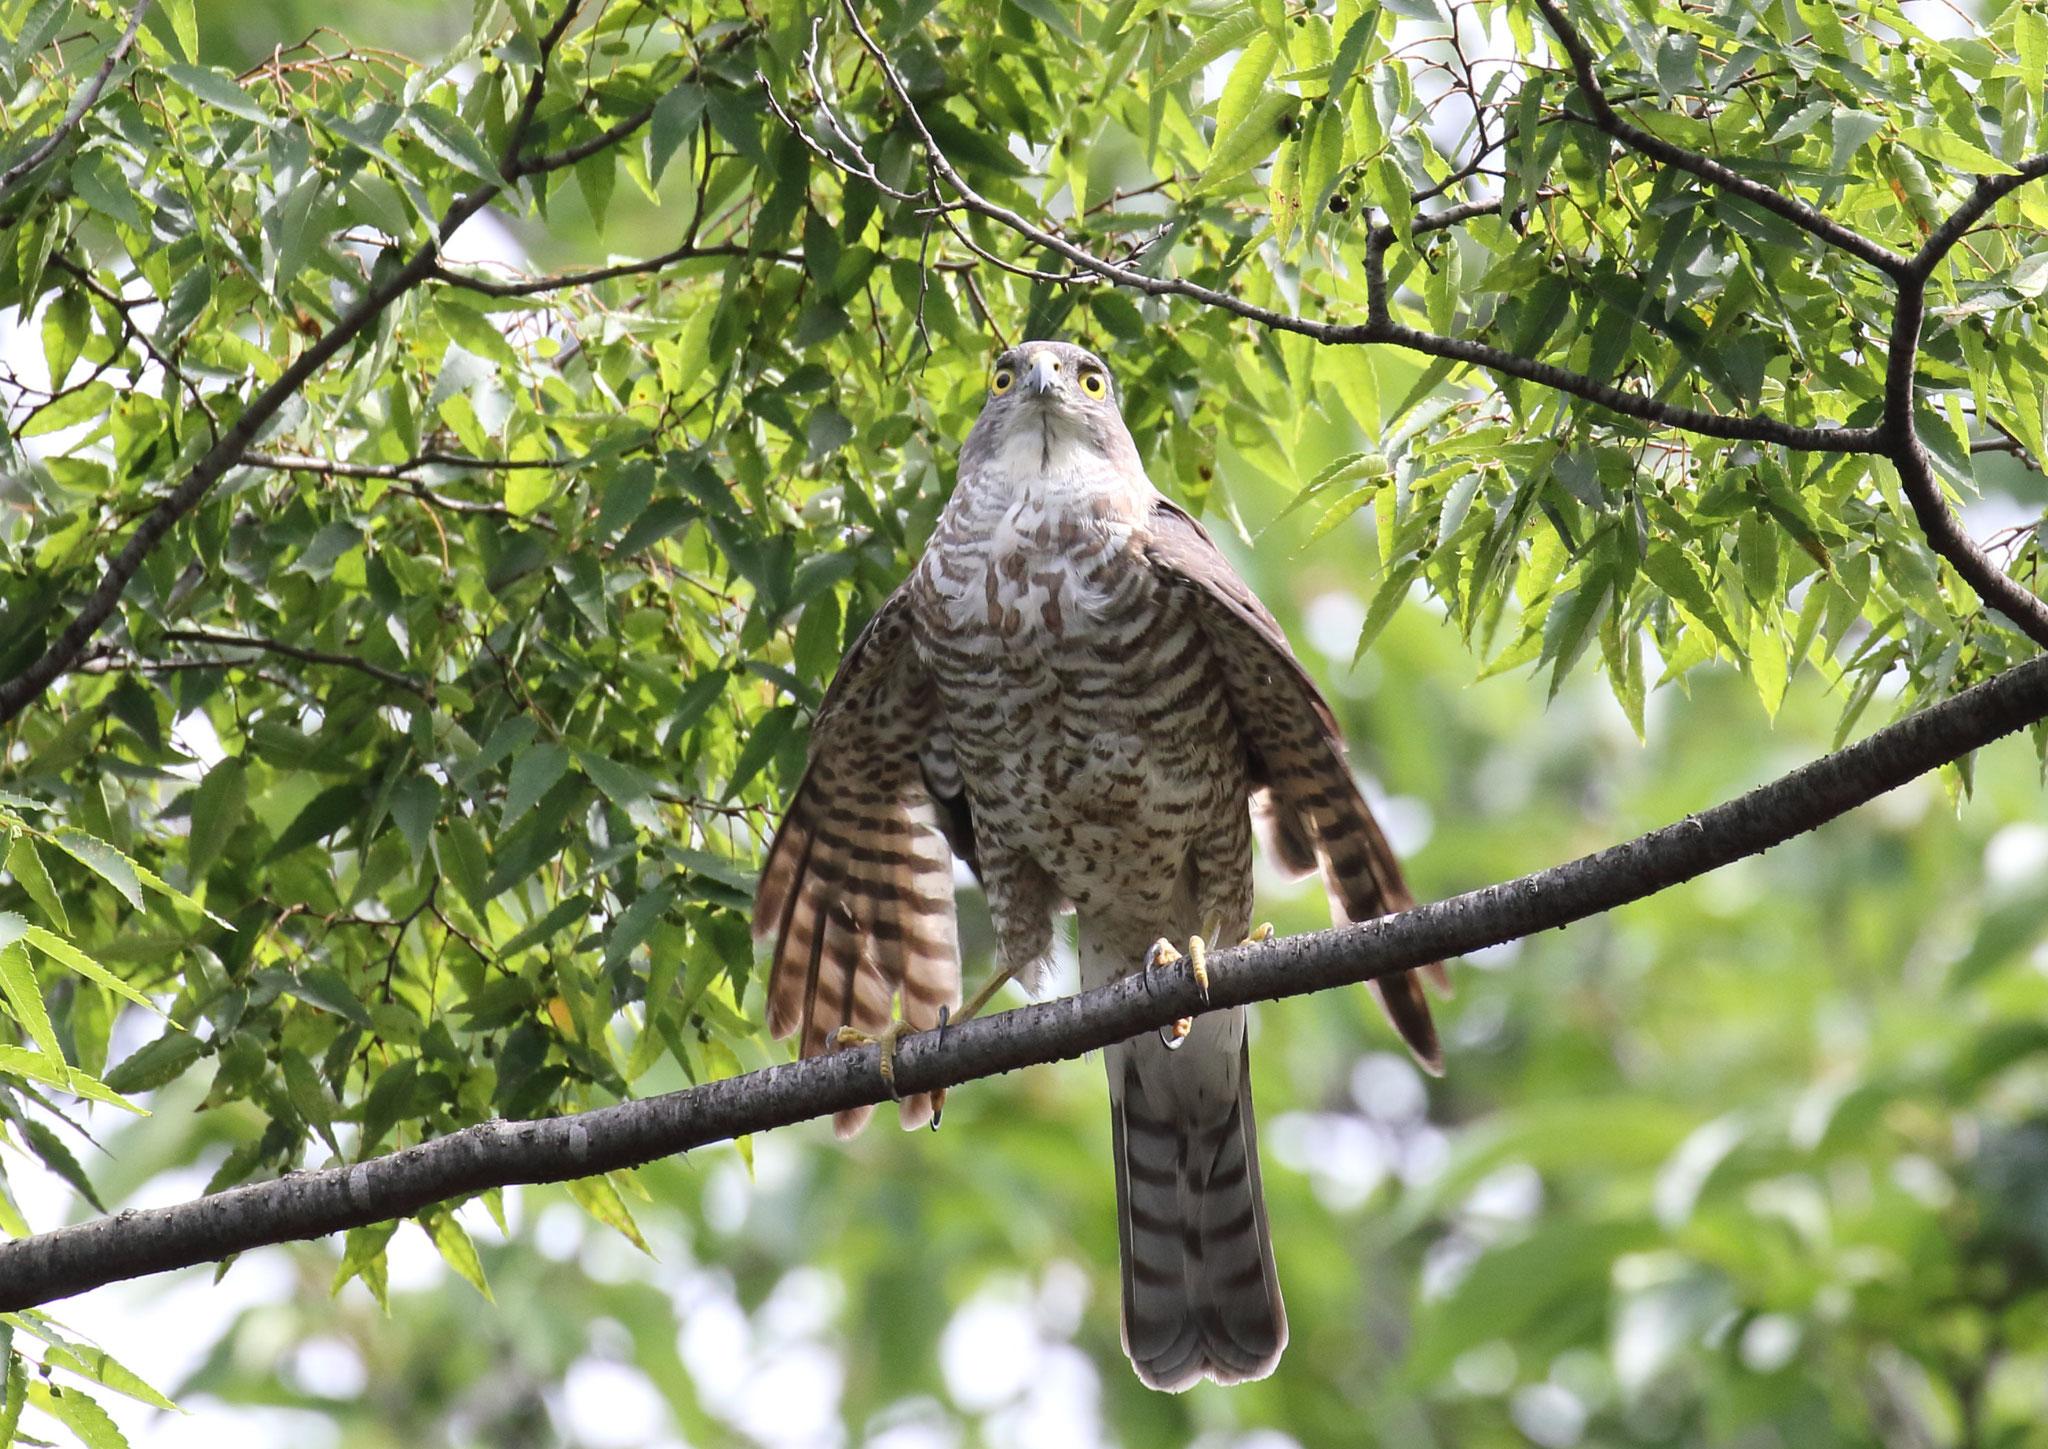 枯枝を前に仁王立ち ツミ 2021年5月 柏市近郊 巣材選び 枯枝運びに 巣作りに精を出す